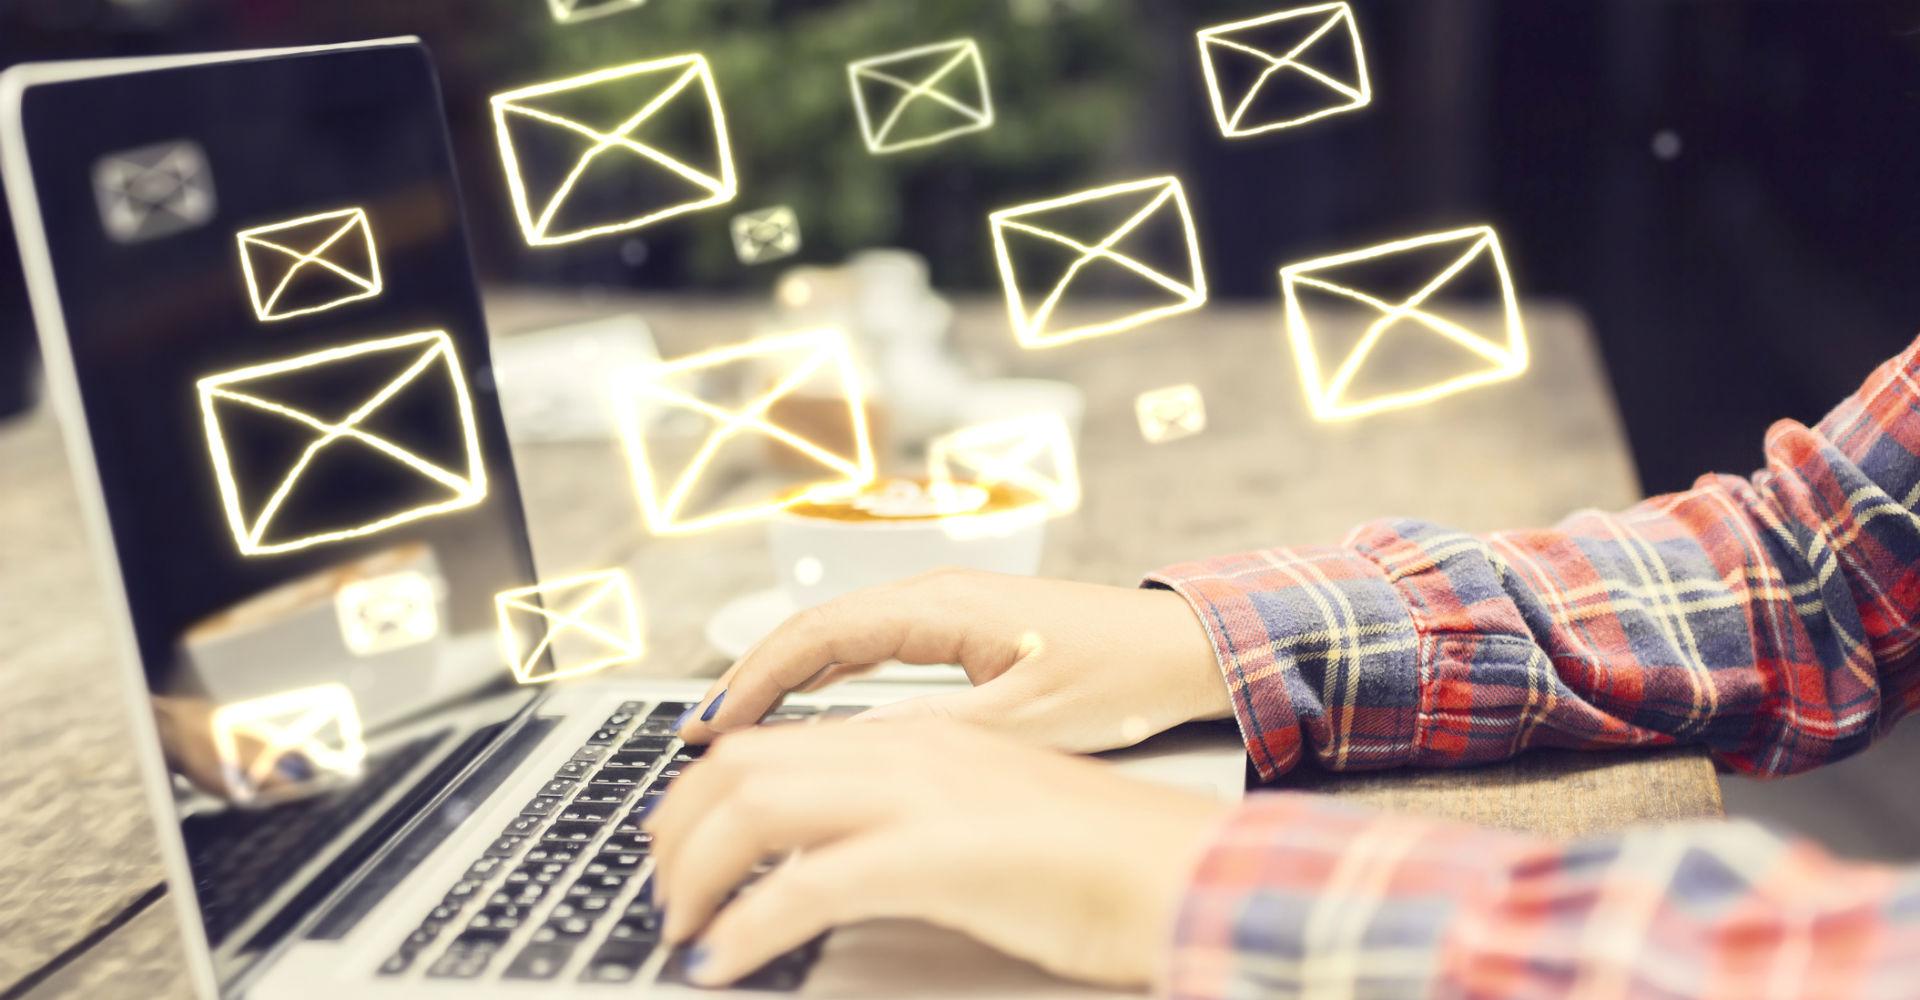 Gmail-Konversation über den Computer ignorieren.